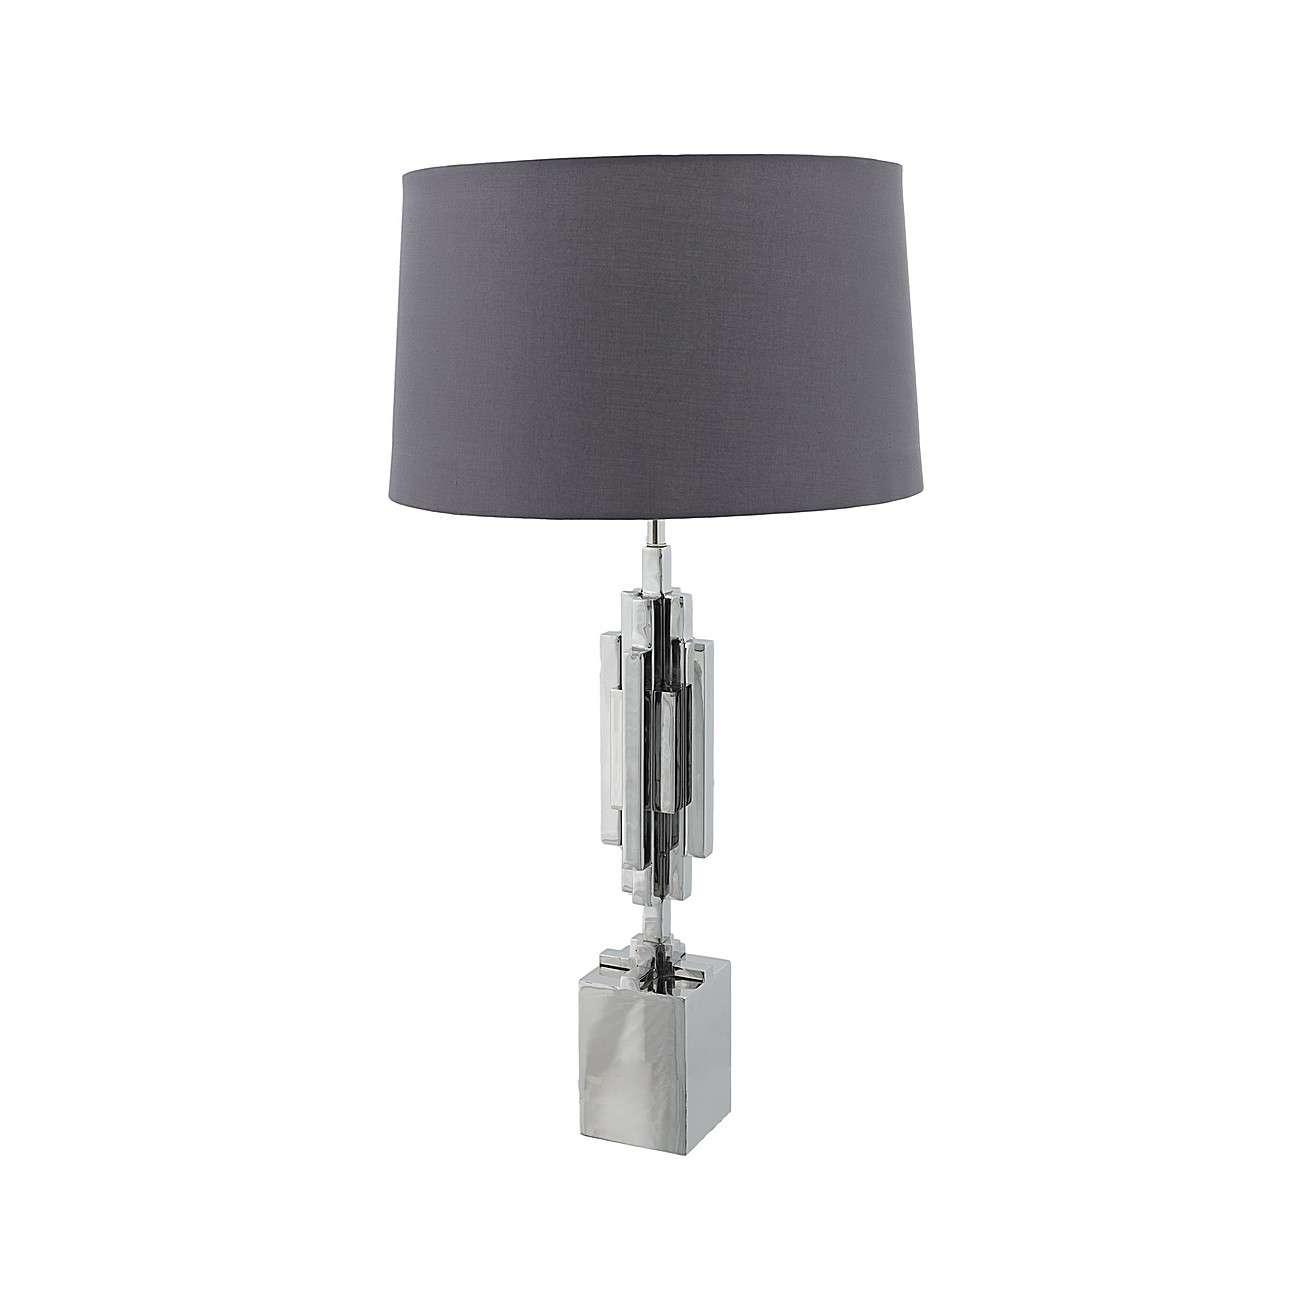 Vyšší stolní lampa Canzone výška 105cm